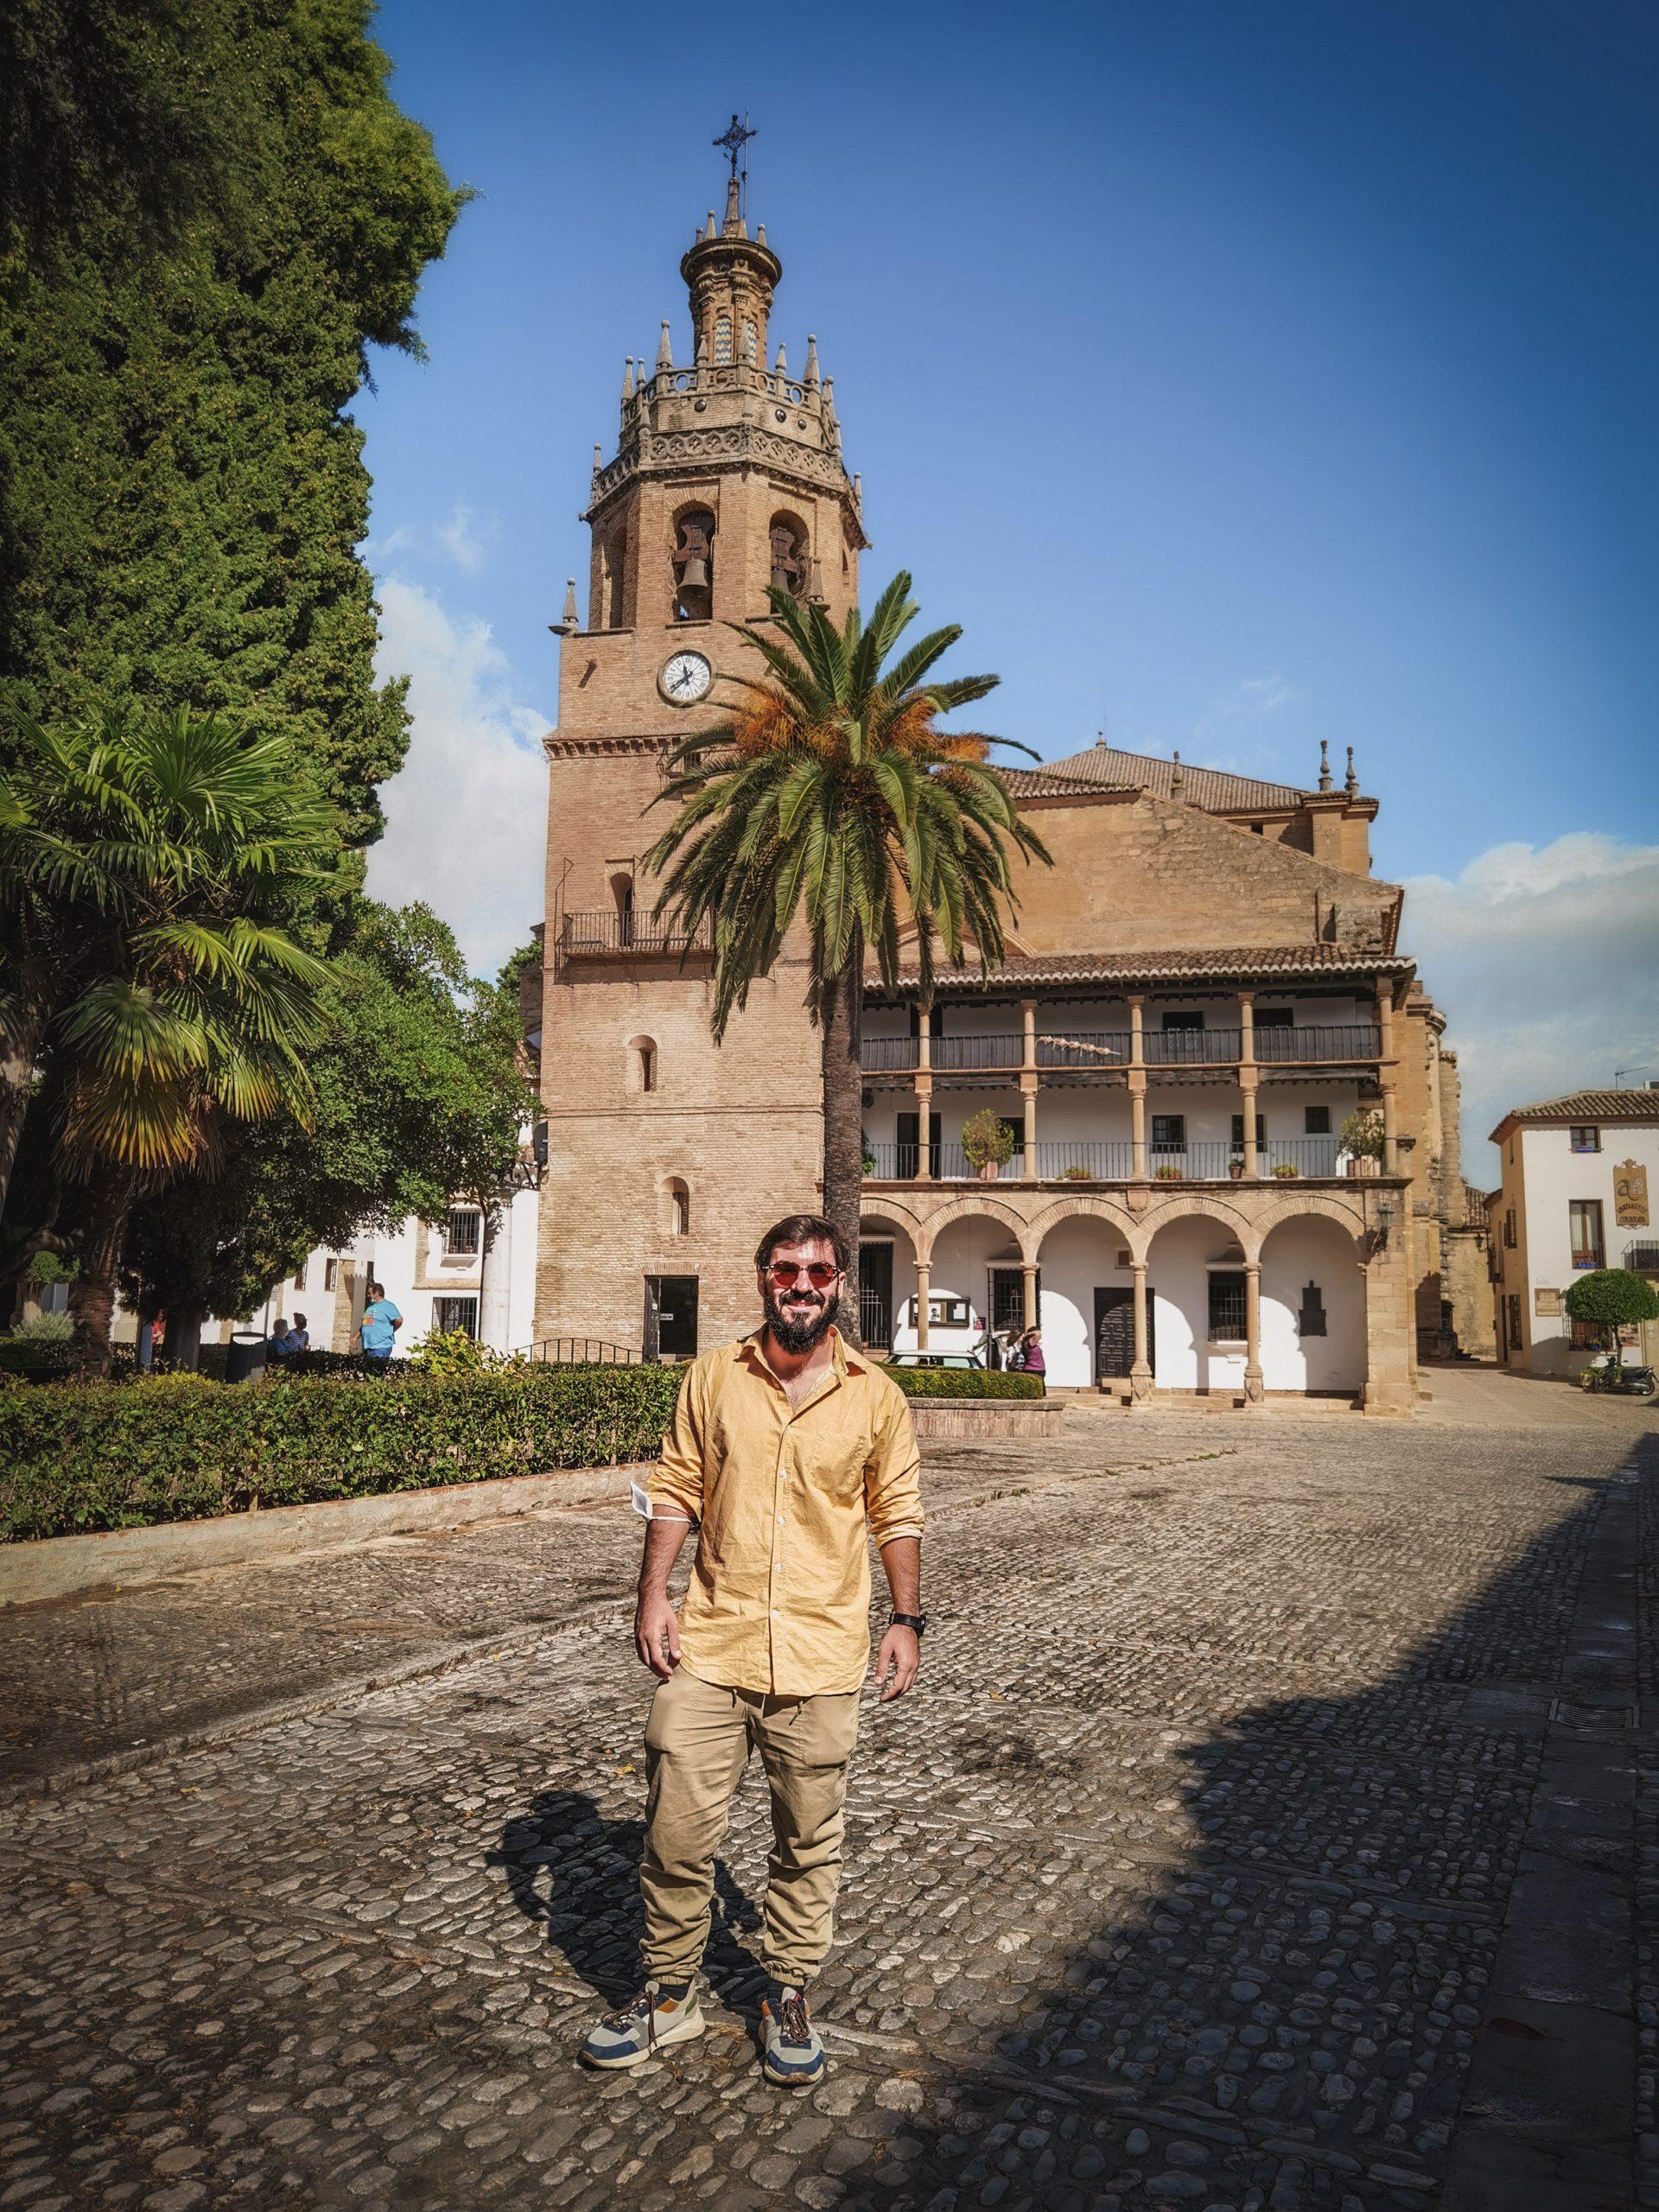 Plaza de la Duquesa Parcent